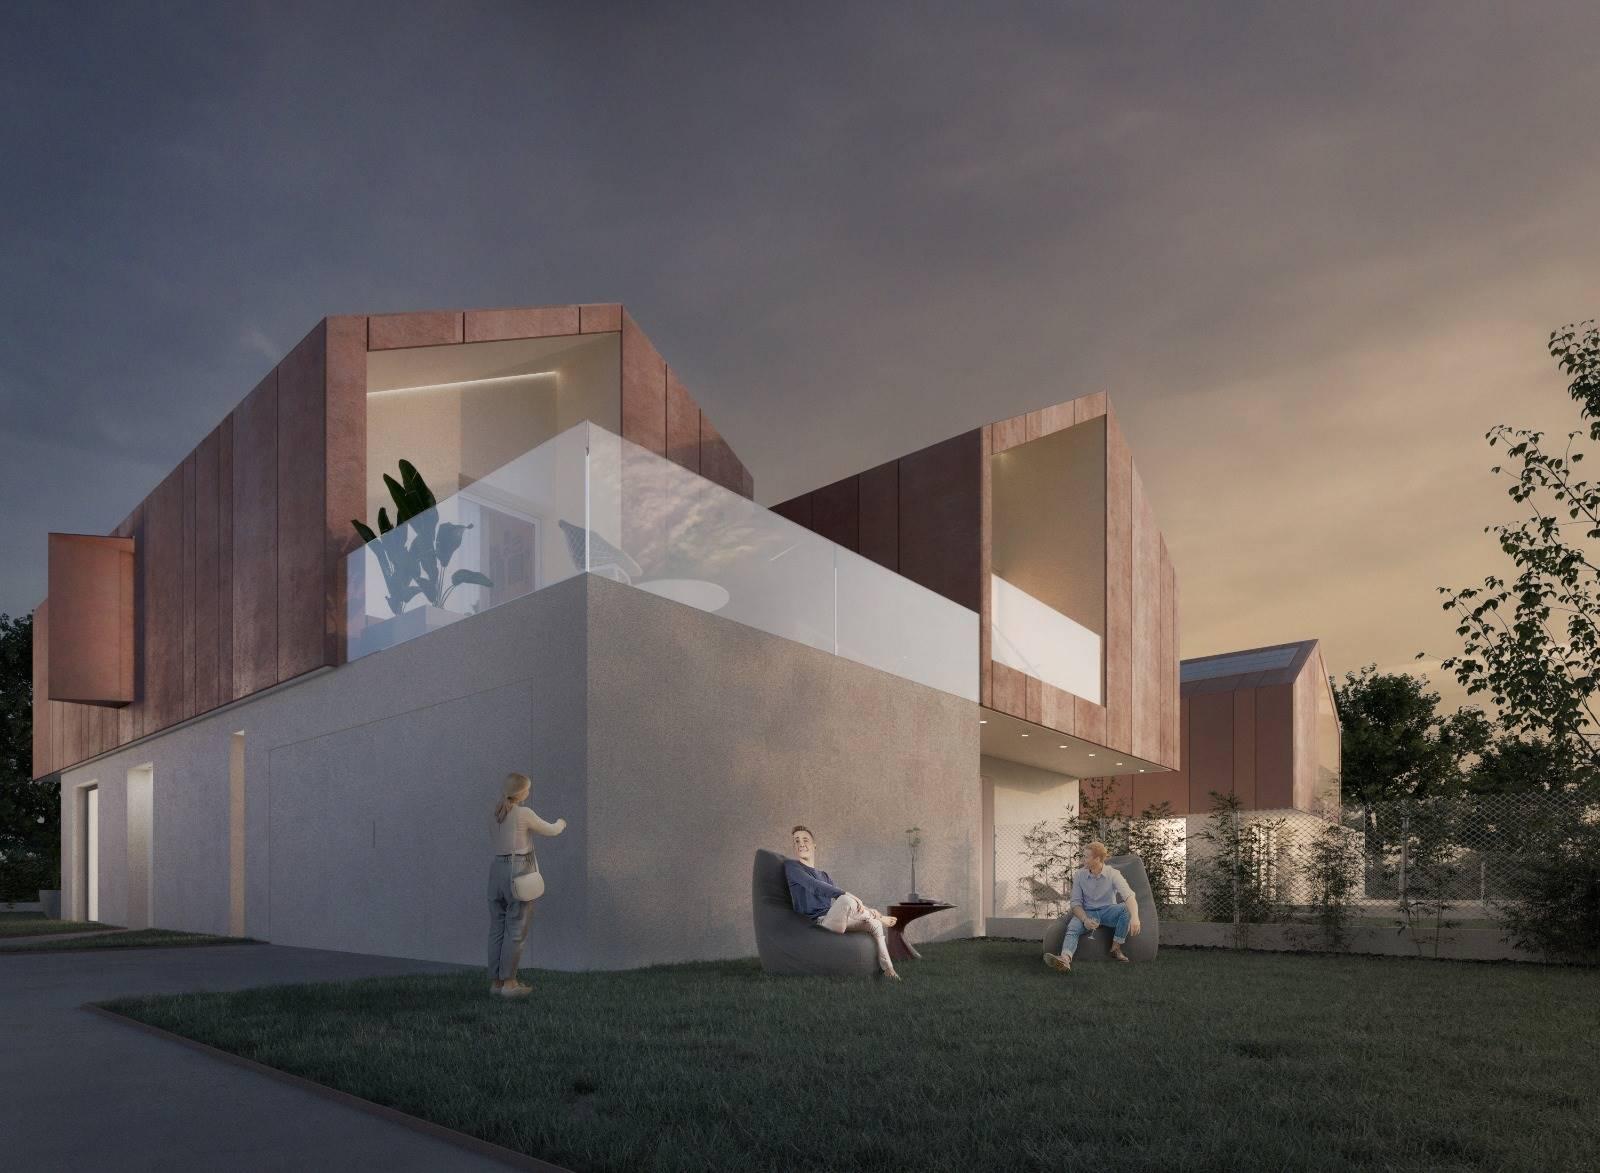 CASELLE, SANTA MARIA DI SALA, Doppelhaus zu verkaufen von 115 Qm, Neubau, Heizung Bodenheizung, Energie-klasse: A4, am boden Land auf 1,